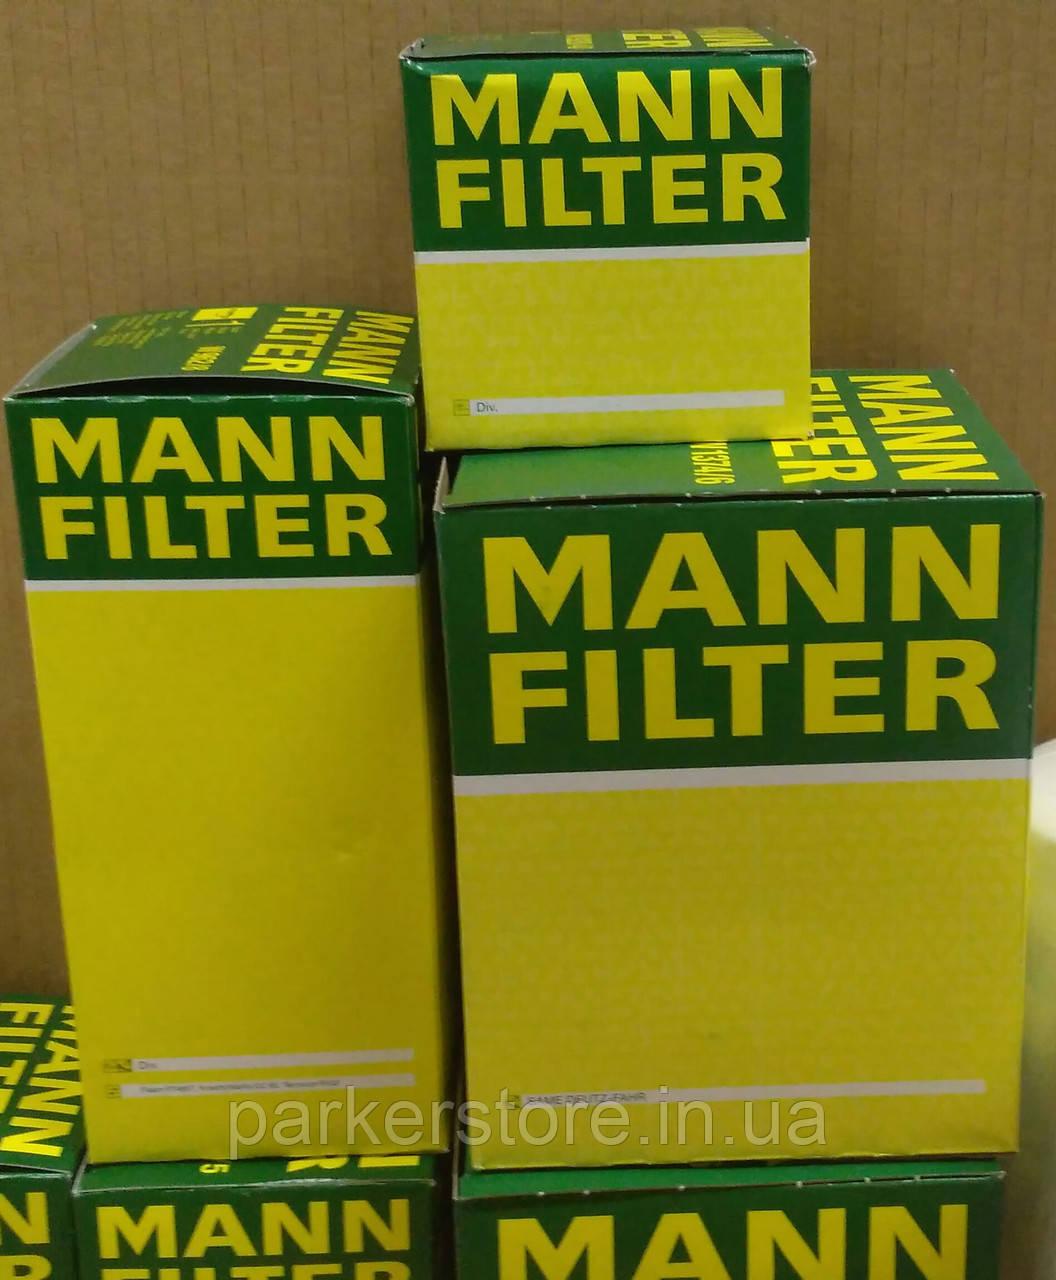 MANN FILTER / Повітряний фільтр / C 24 870 / C24870